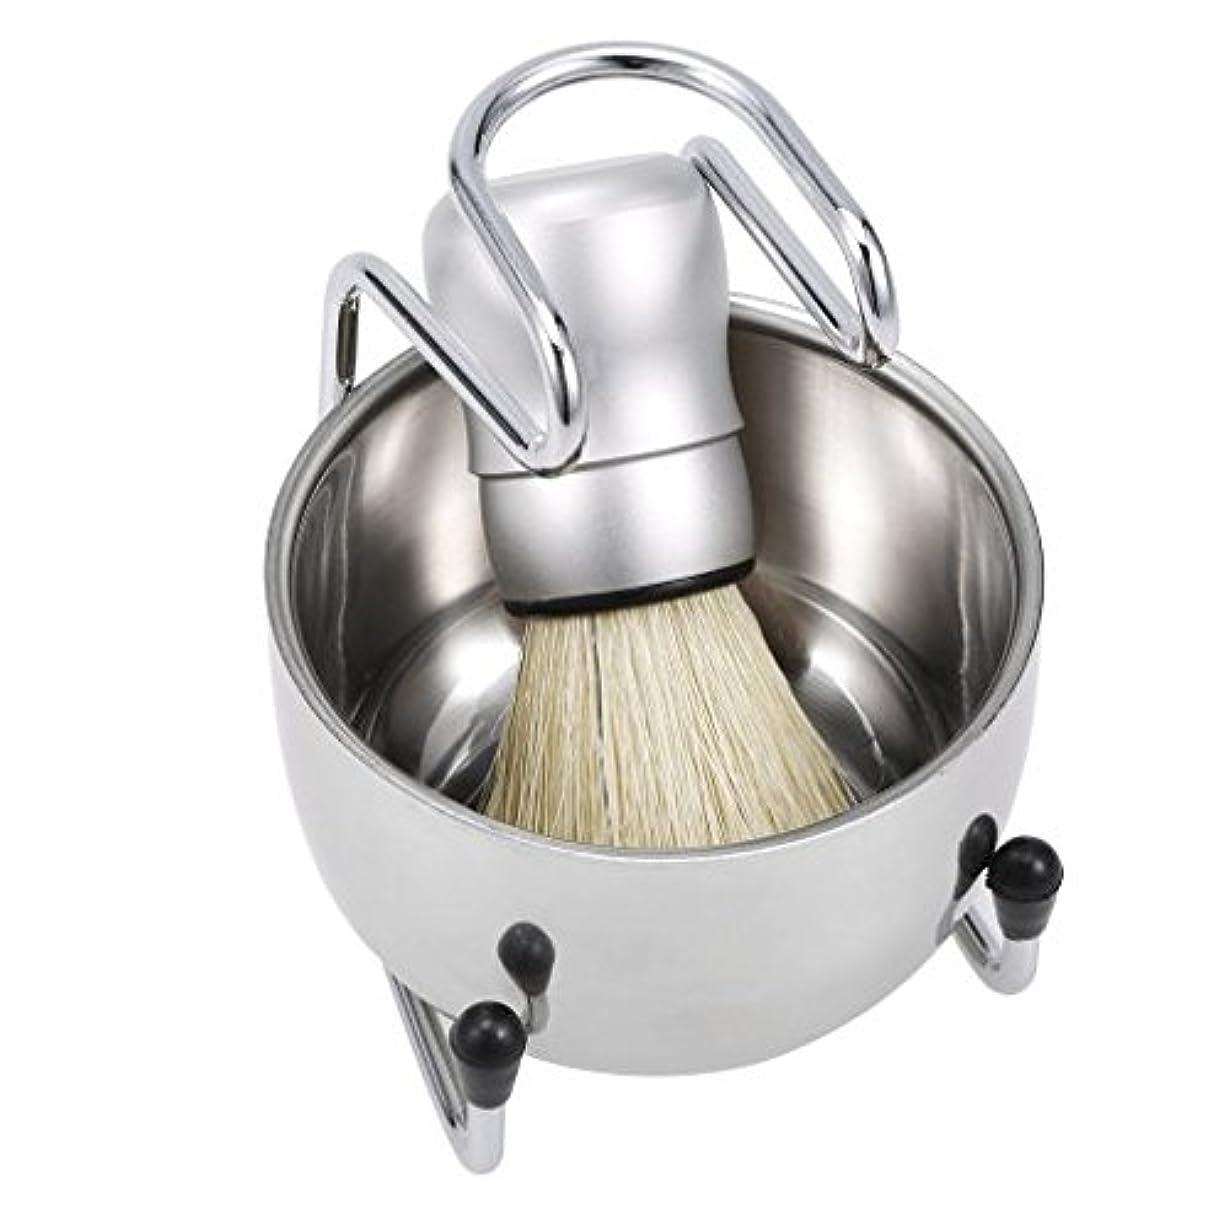 リングバック交換船3 in 1 Men's Shaving Tools Set Well Polished Shaving Brush Soap Bowl Stand Holder Badger Hair Male Face Cleaning